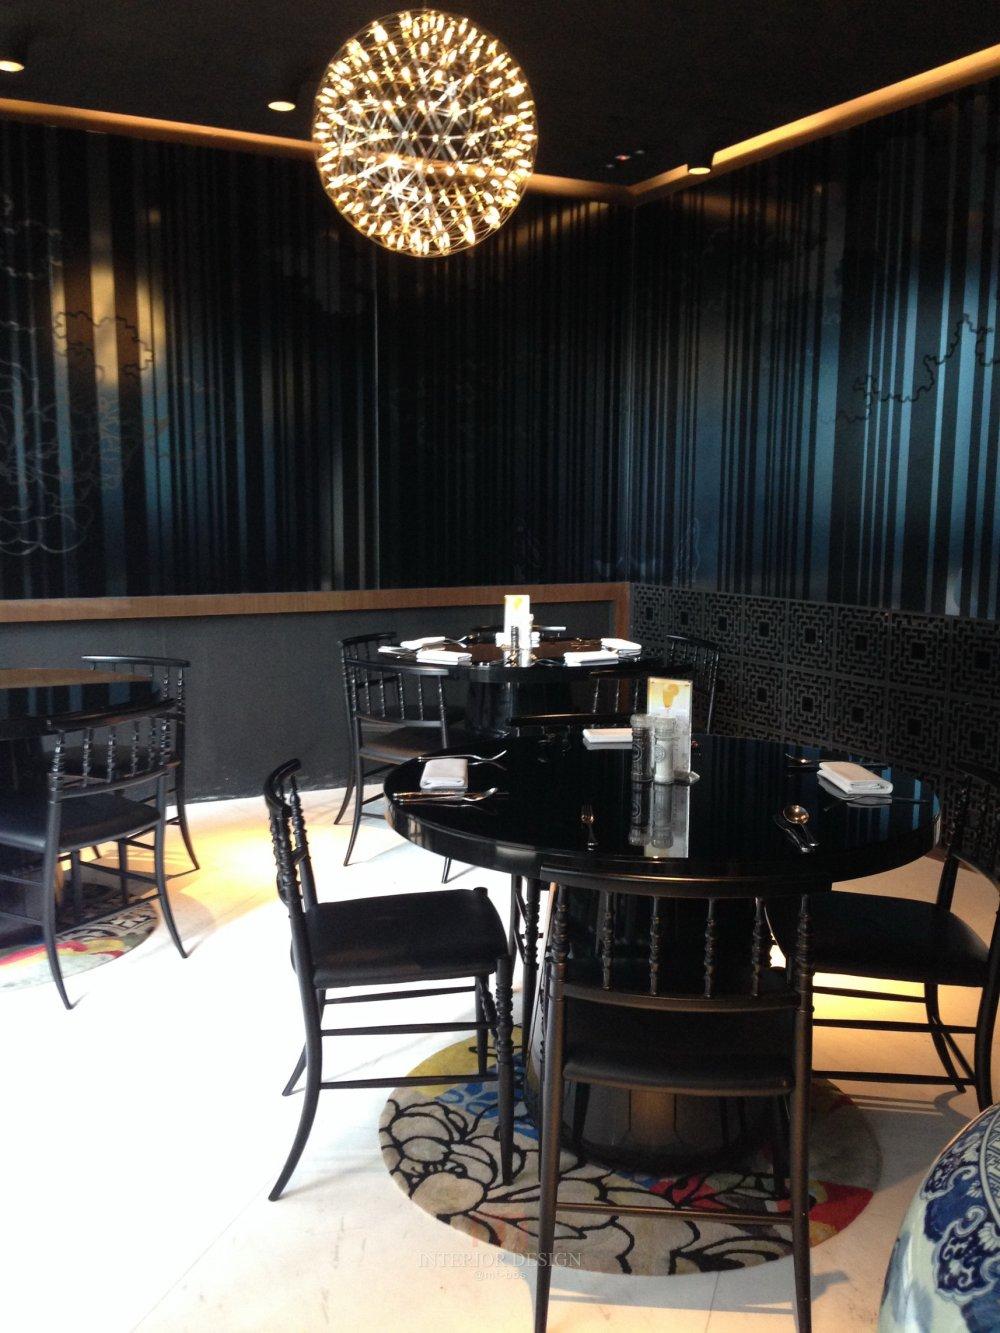 香港湾仔美丽华精品酒店Mira Moon Hotel  自拍分享_IMG_4154.JPG